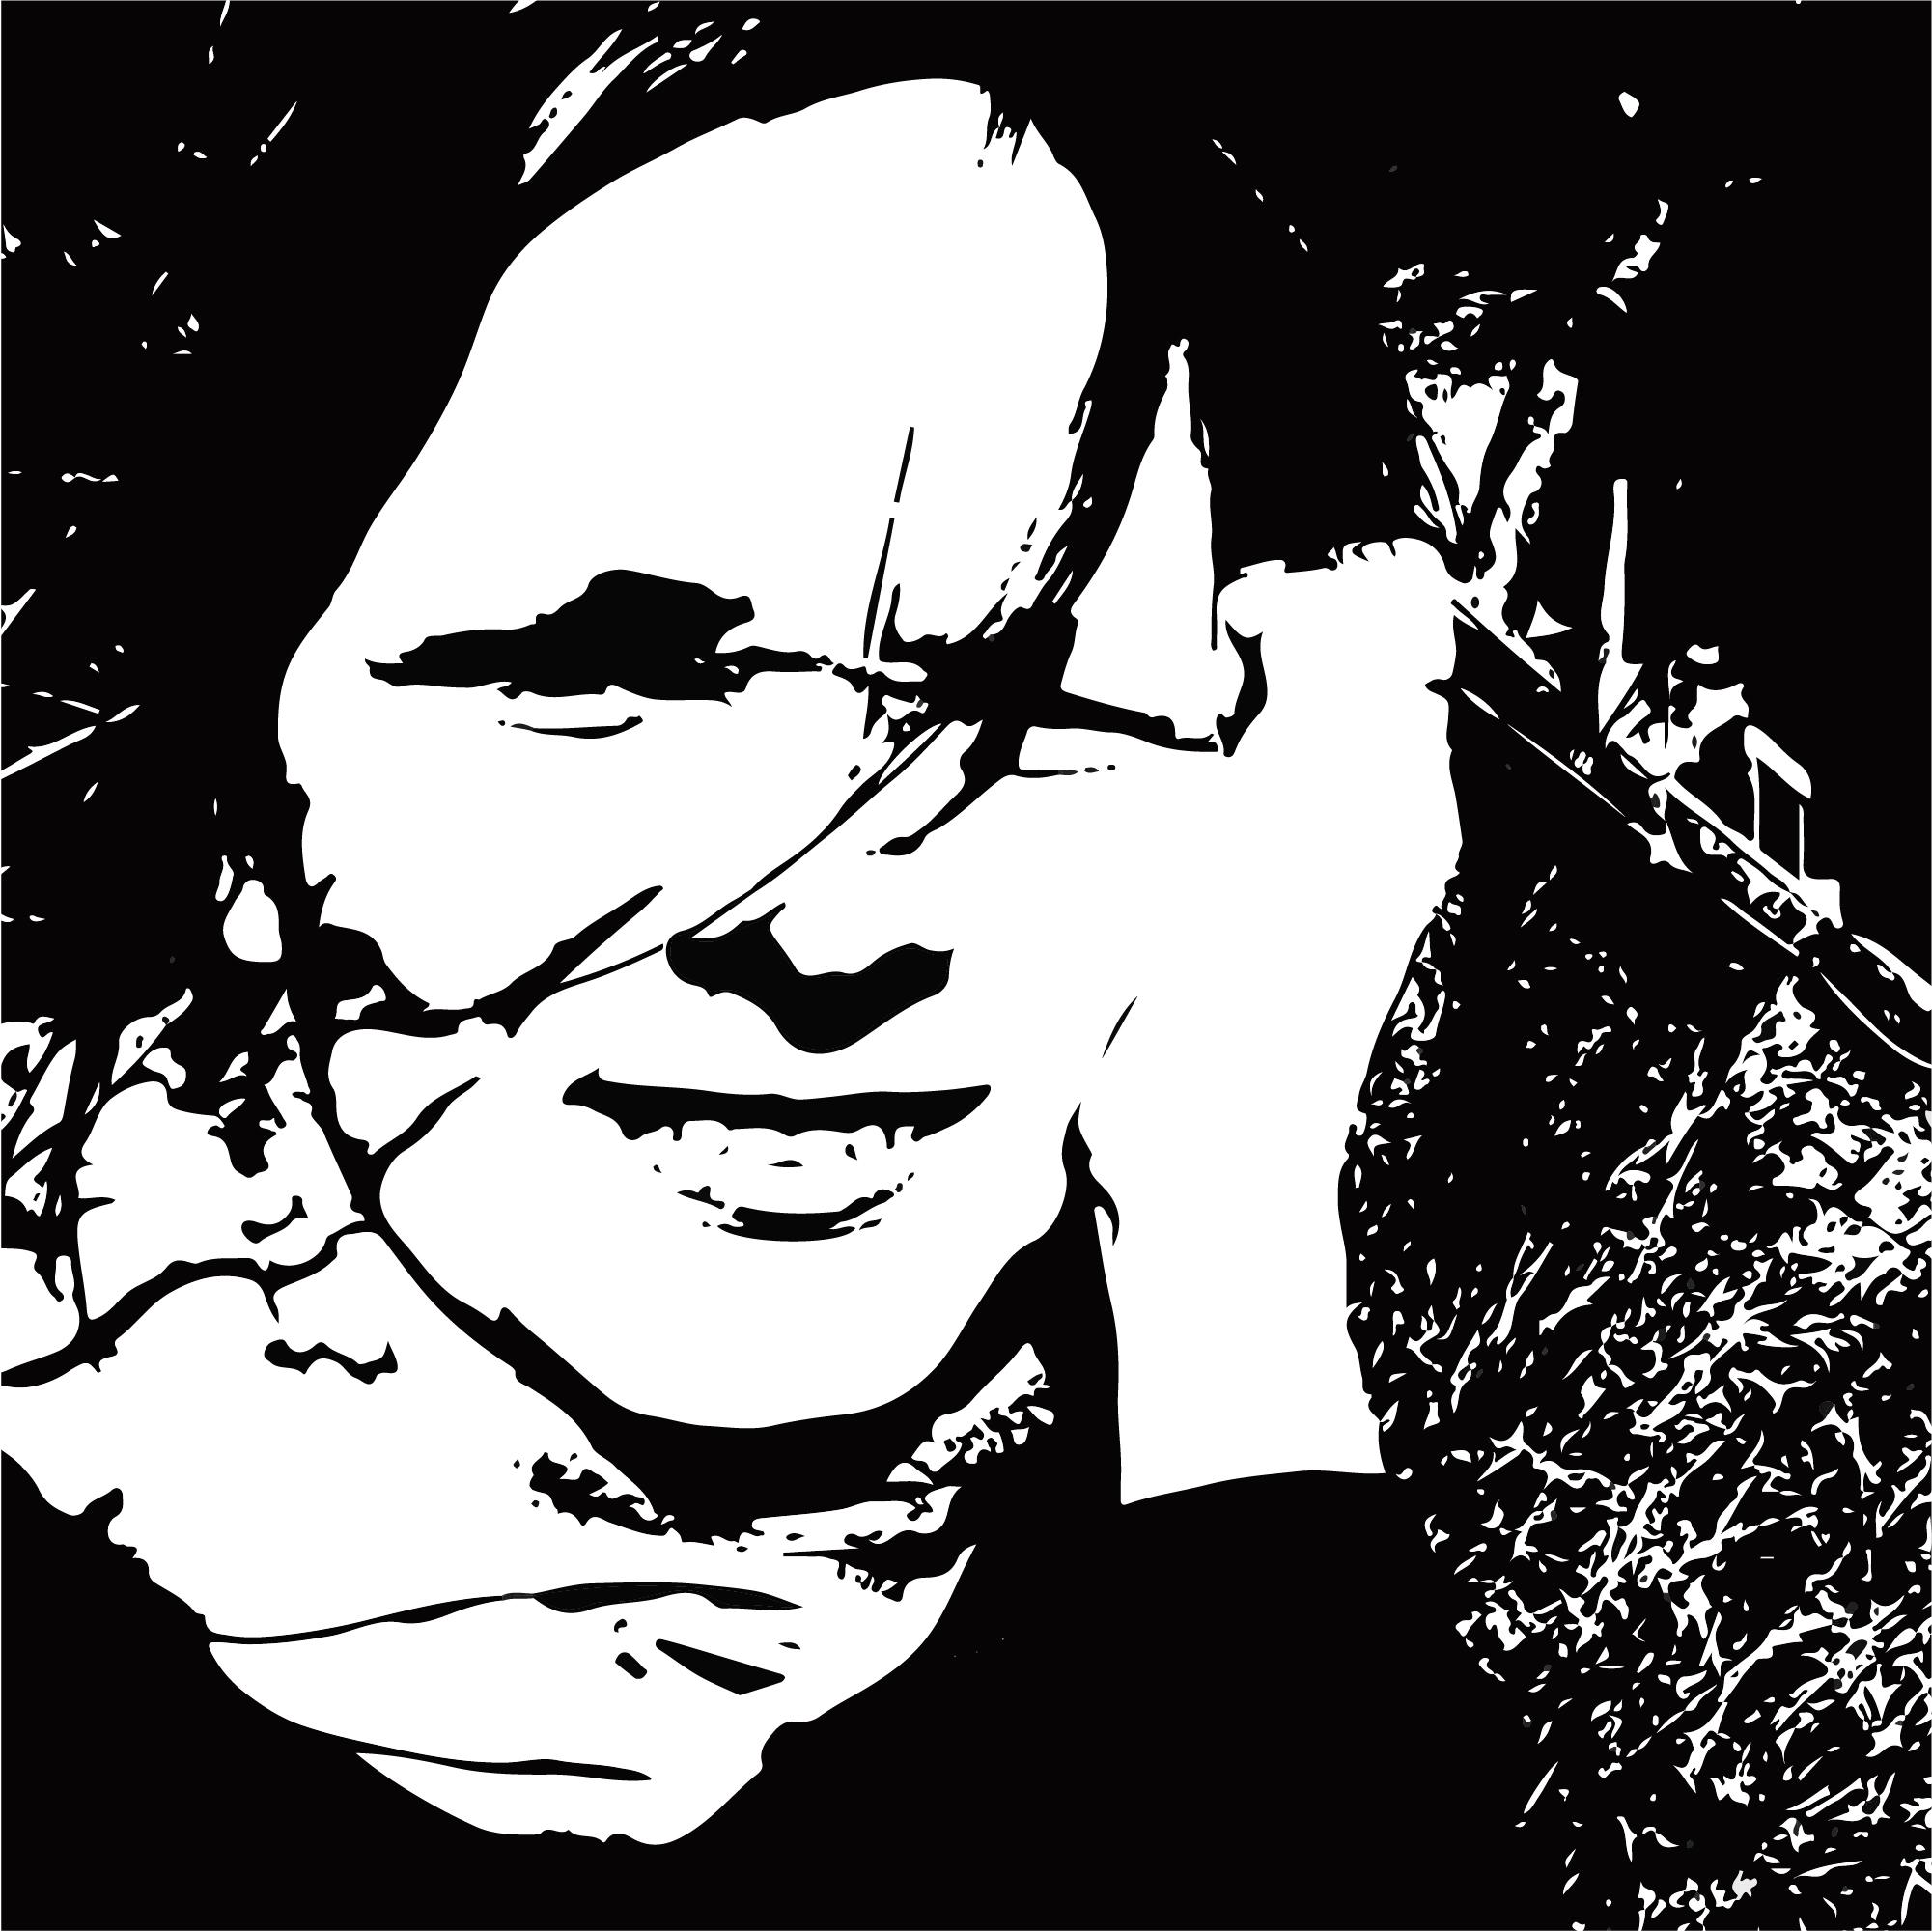 czarno-biały stylizowany portret łotewskiej pisarki Ingmara Balode. Kobieta ma półdługie włosy w kolorze popielaty blond, jednen kosmyk nachodzi jej na oczy, z prawej strony przytrzymuje twarz dłonią. Jest uśmiechnięta. W tle niezbyt czytelny zarys budynku